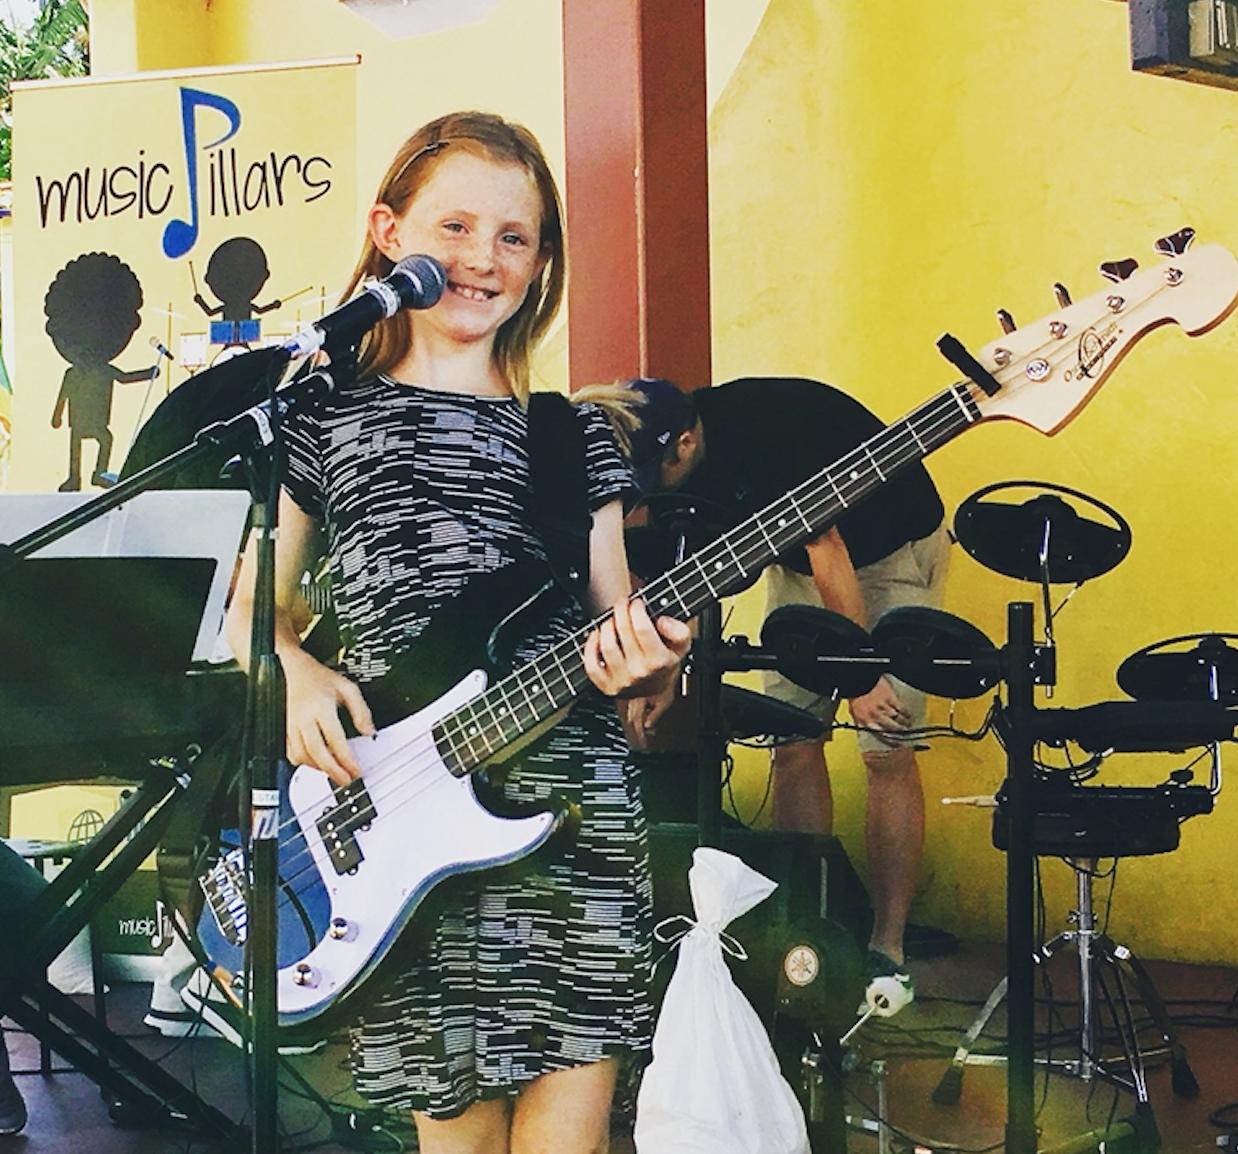 Music Pillars Band